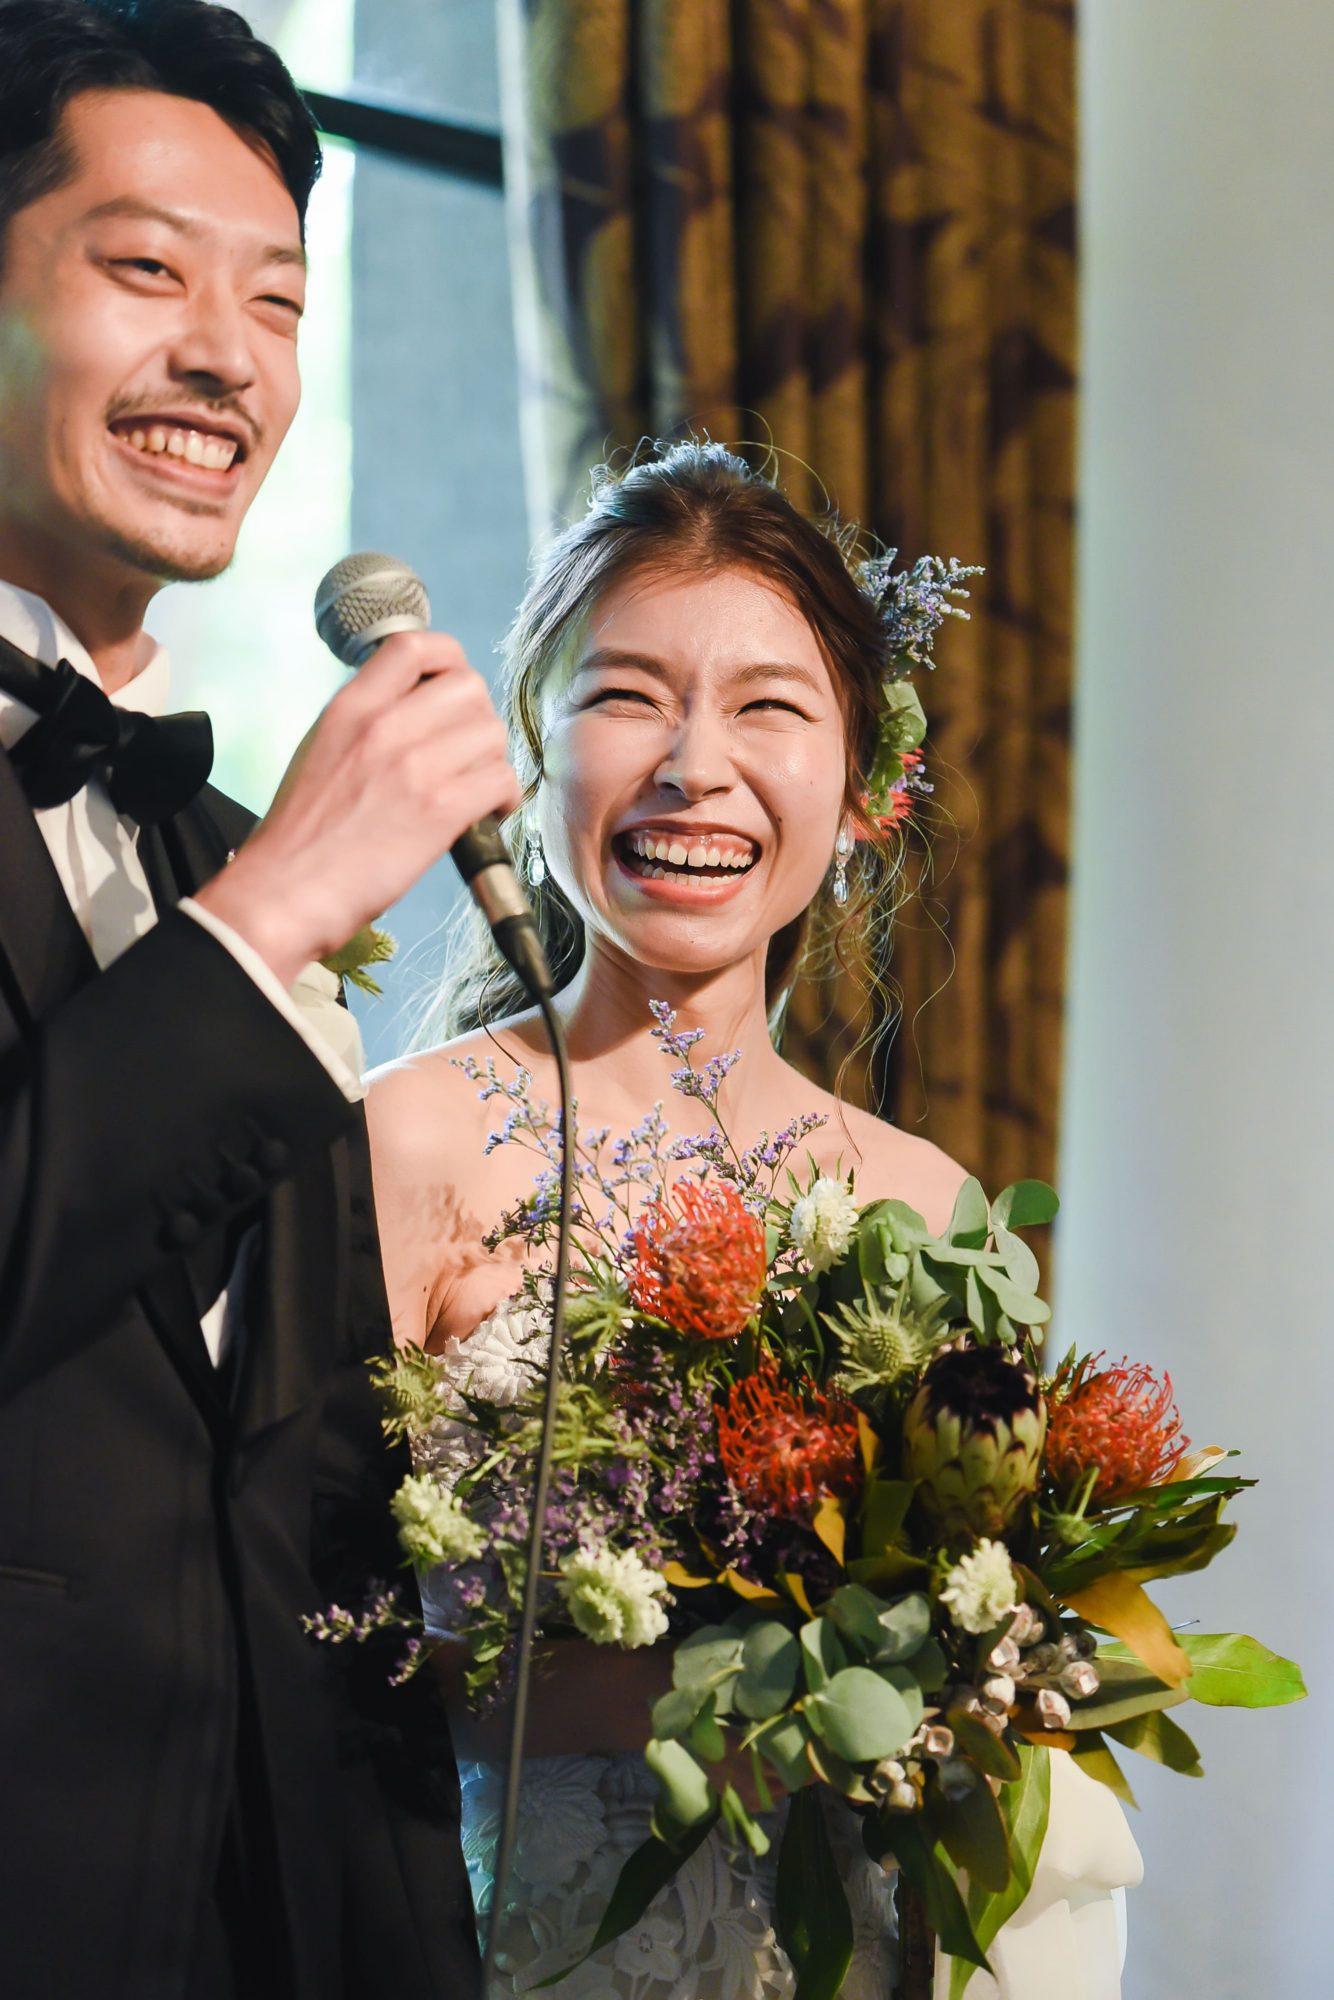 名古屋で人気の結婚式場ザナンザンハウスでお式を挙げられたお二人